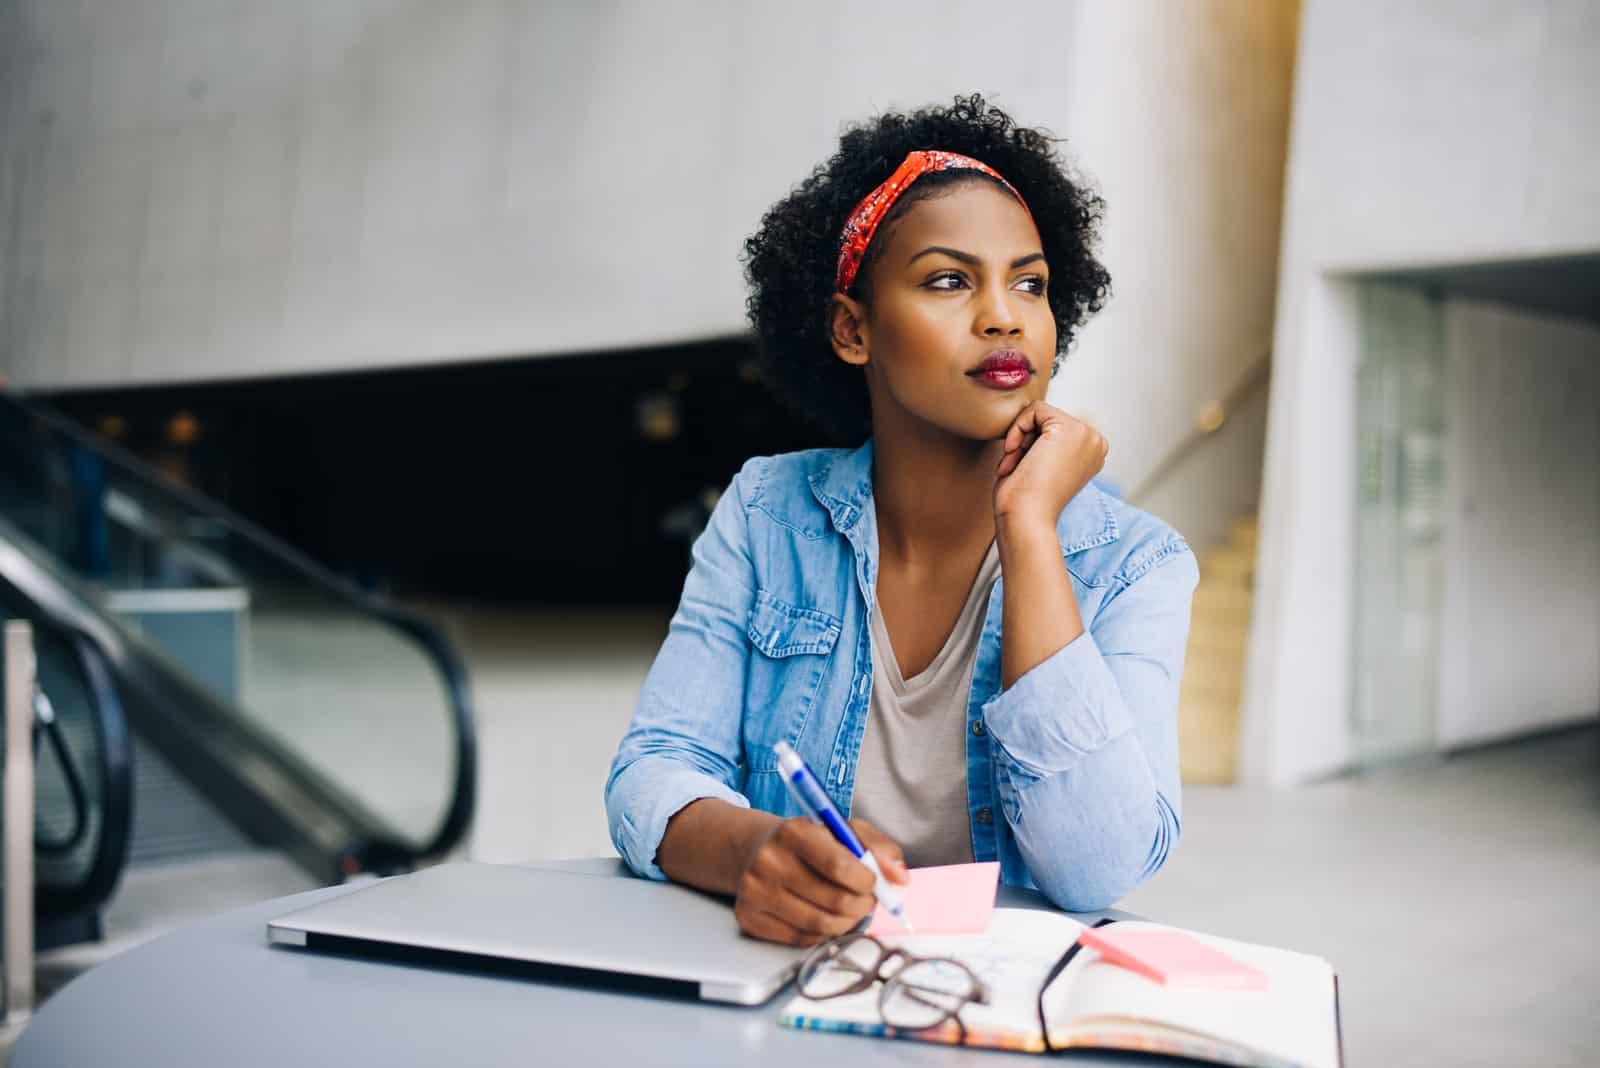 une femme imaginaire aux cheveux crépus est assise à une table